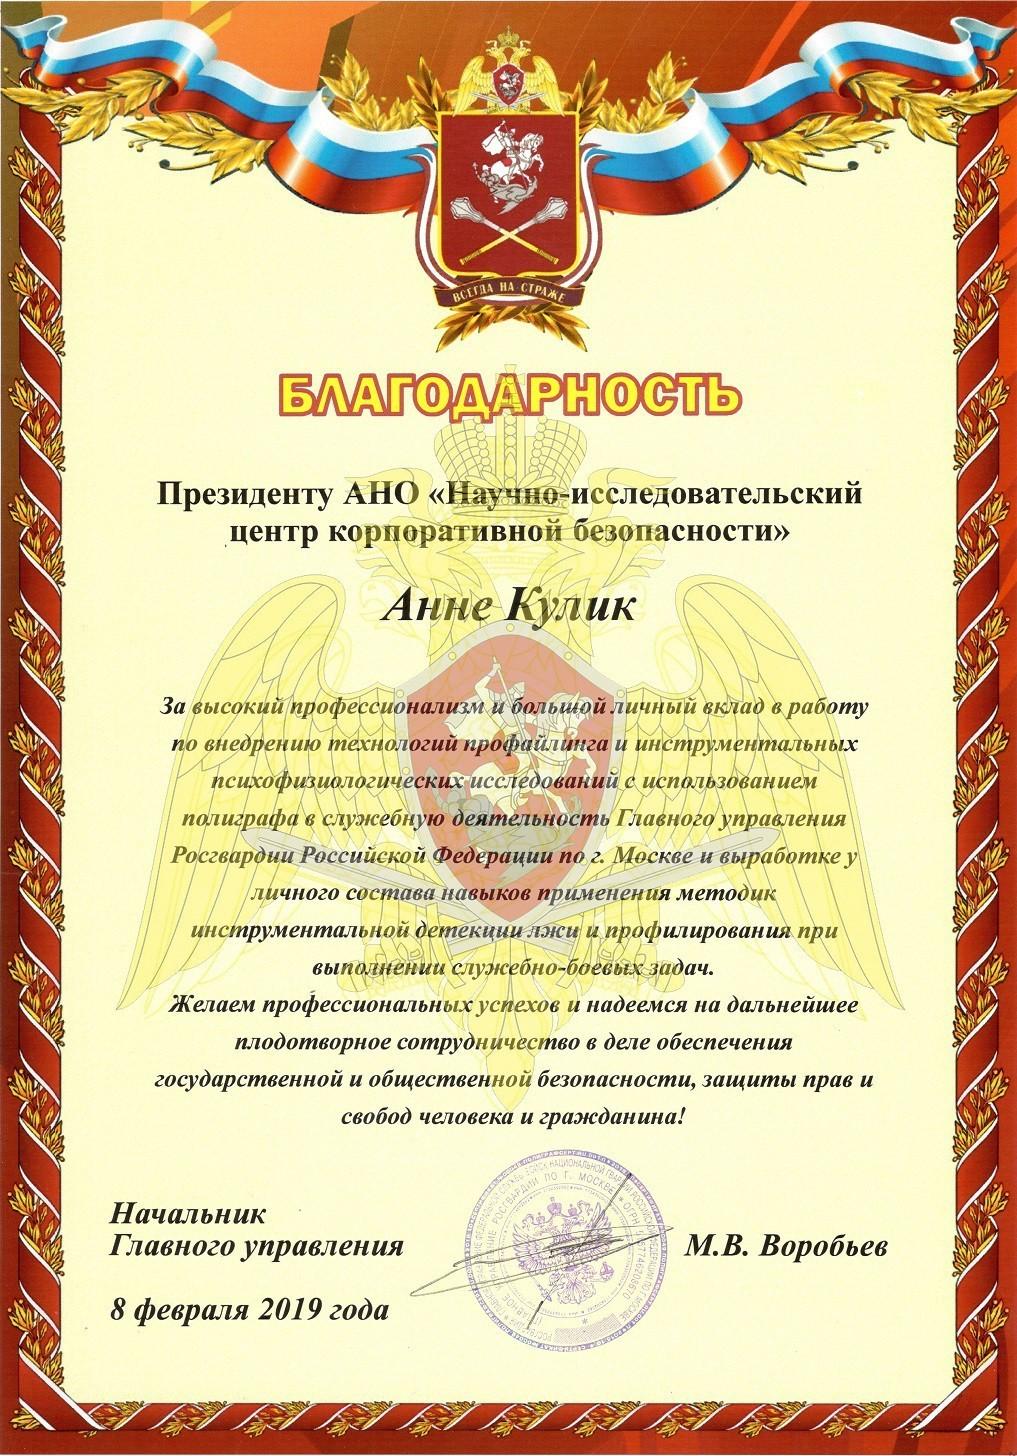 Росгвардия по Москве. Благодарность Анне Кулик